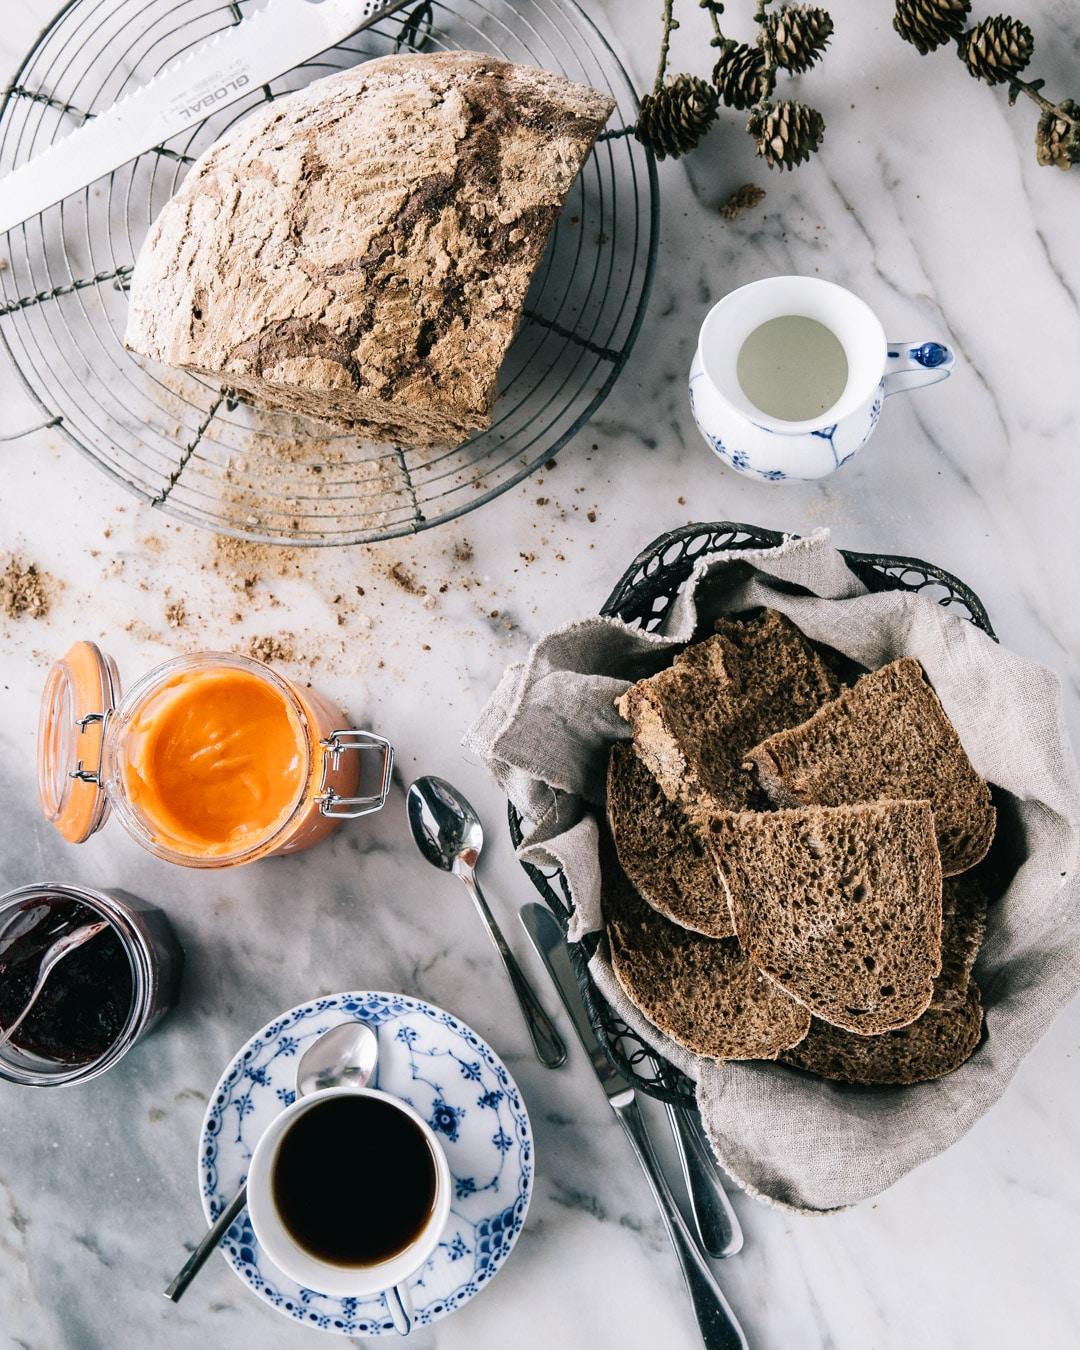 rustikt groft brød i hævekurv, brød opskrift